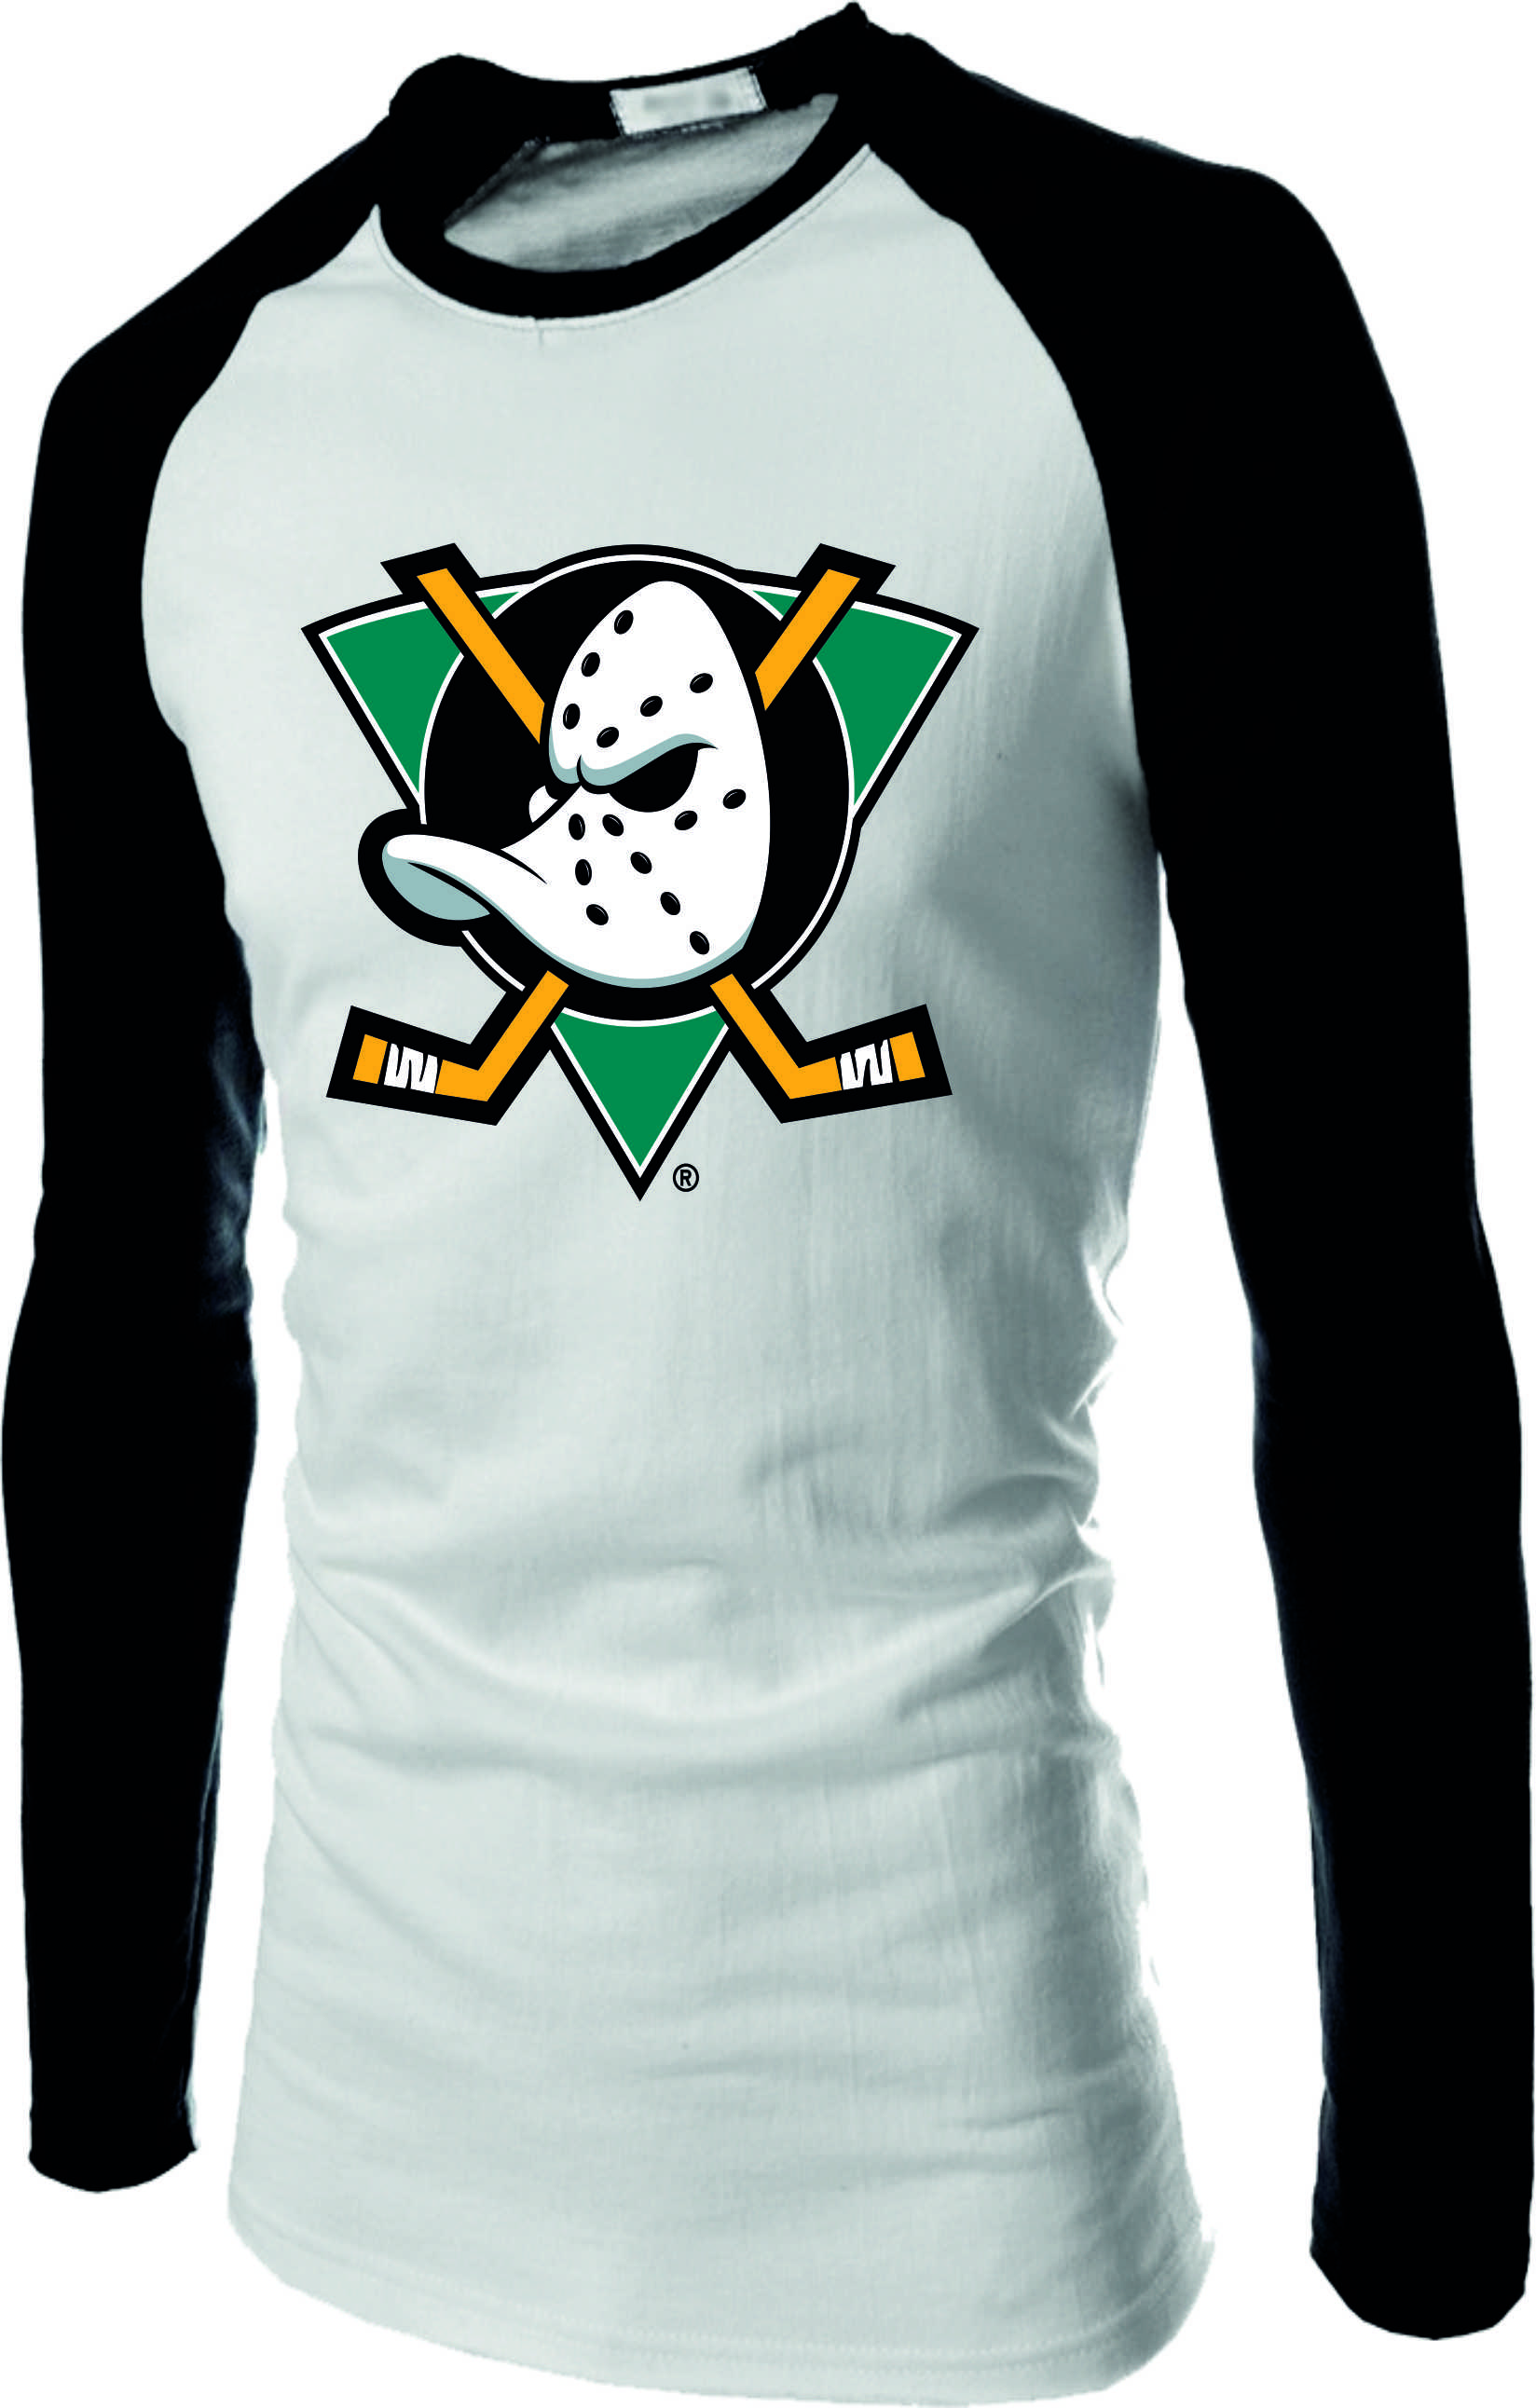 d0f3245469c17 Camisa Ducks